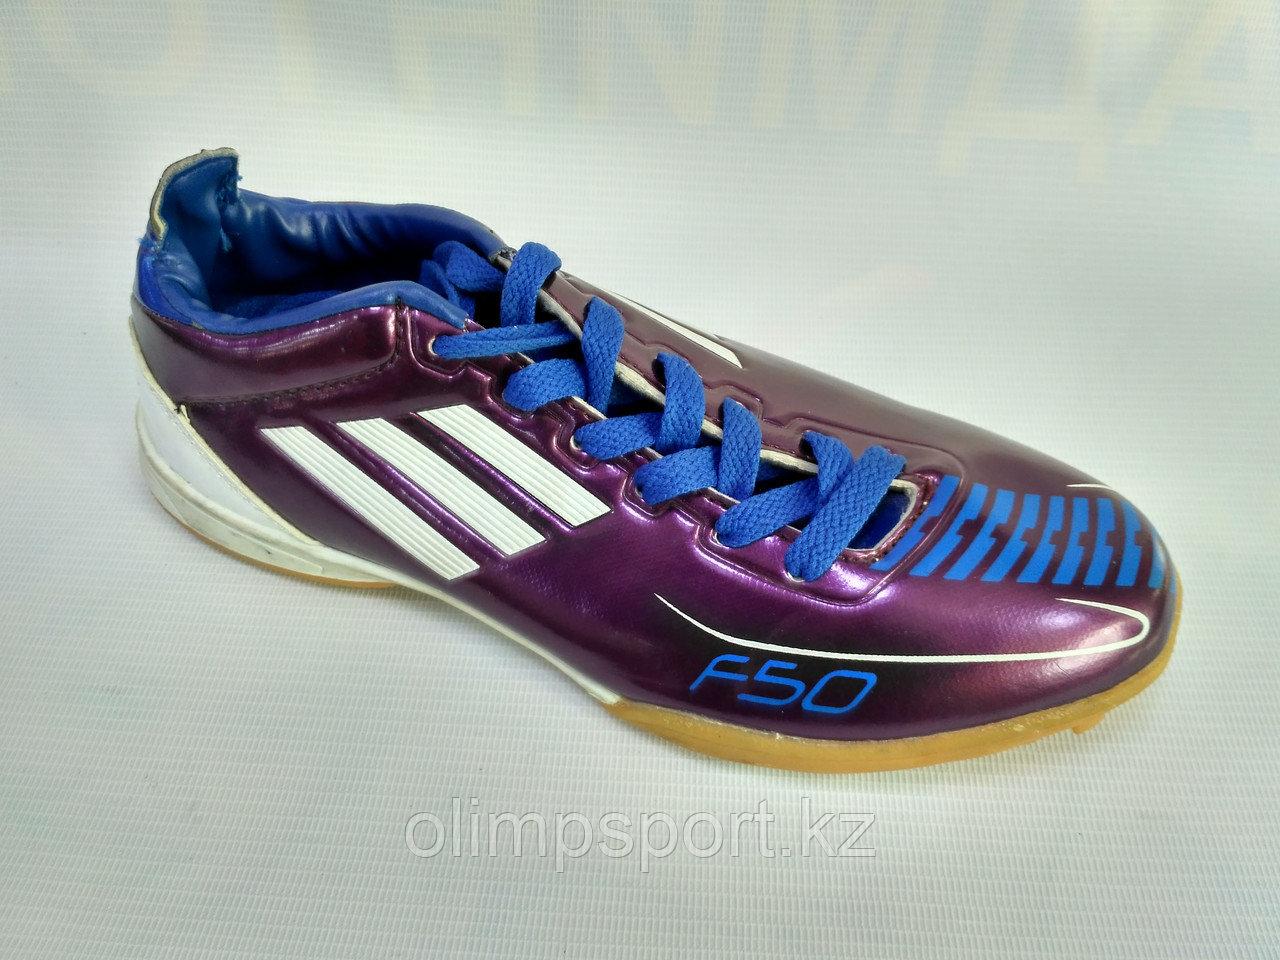 Обувь сороконожки Adidas